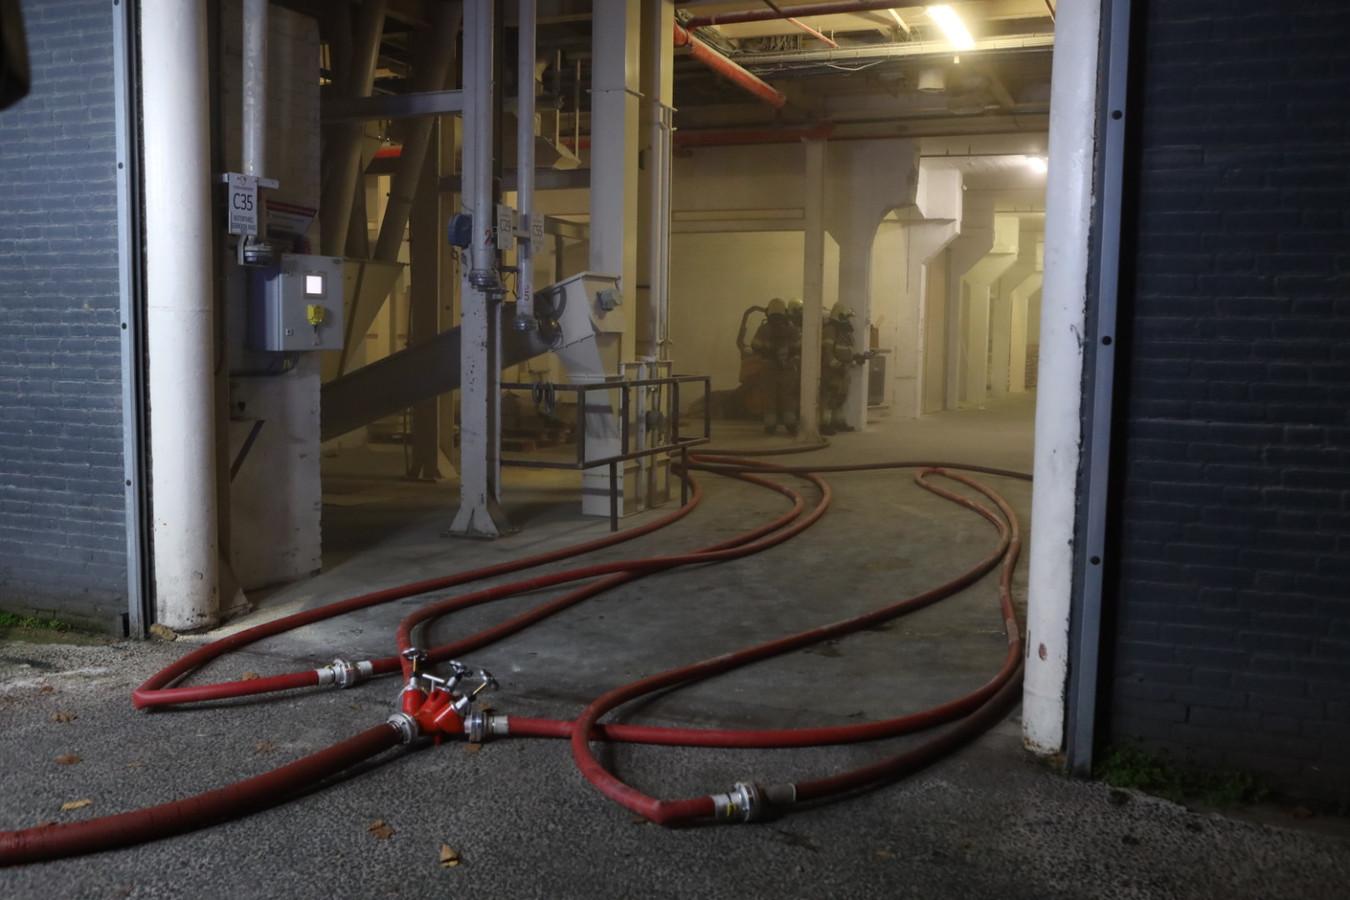 Voor de ingang werden meerdere stralen lage druk in gereedheid gebracht.